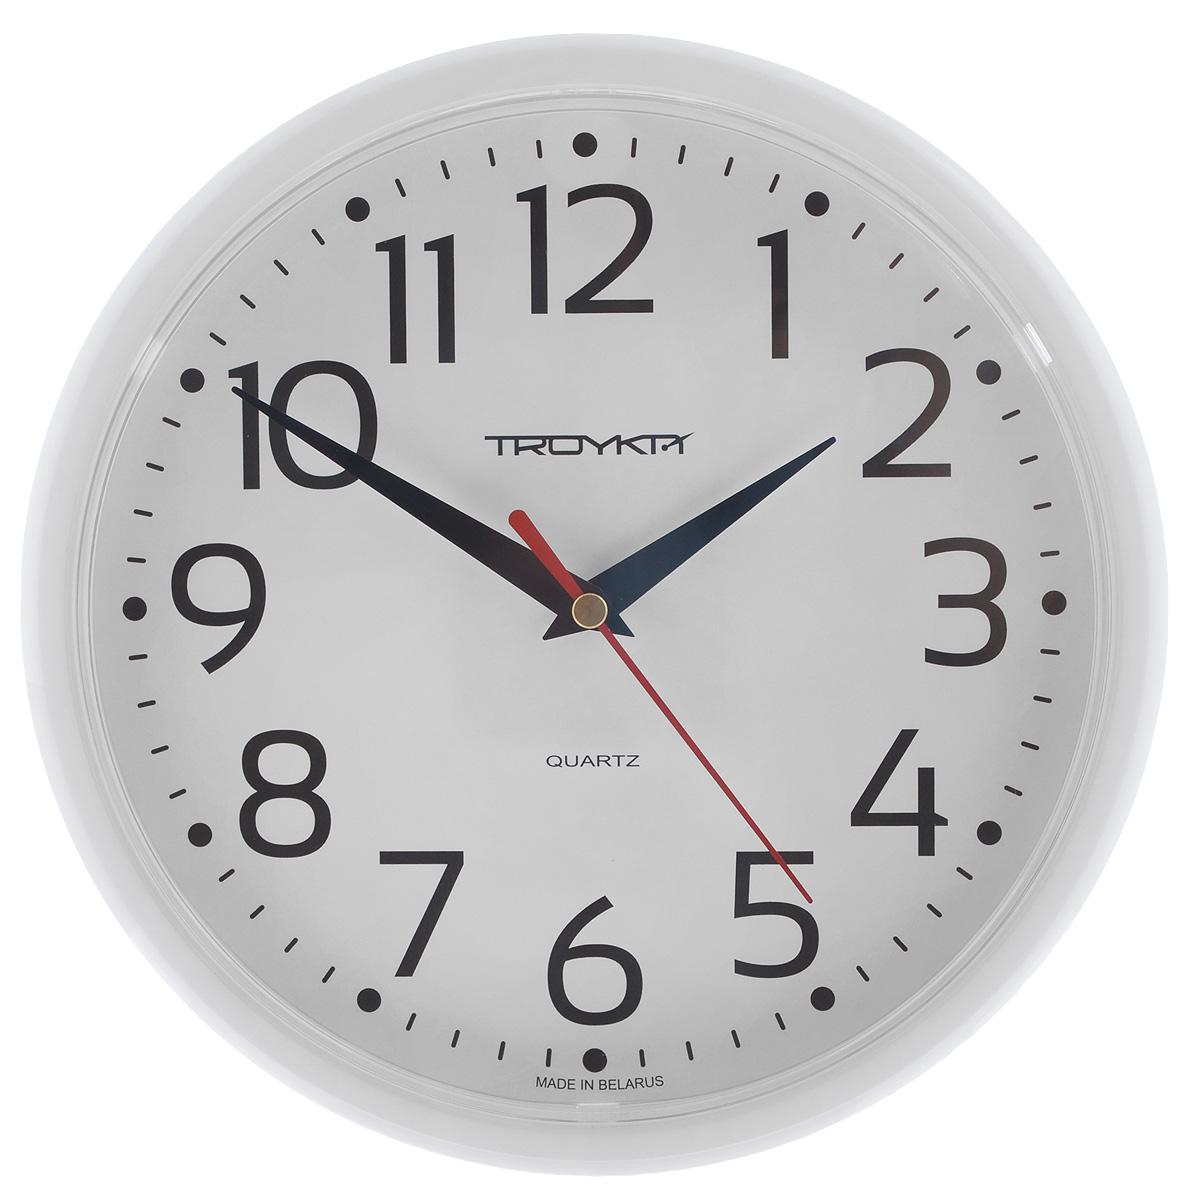 Часы настенные Troyka, цвет: белый. 9191091291910912Настенные кварцевые часы с классическим дизайном Troyka, изготовленные из пластика, прекрасно подойдут под интерьер вашего дома. Круглые часы имеют три стрелки: часовую, минутную и секундную, циферблат защищен прозрачным пластиком. Диаметр часов: 22,5 см. Часы работают от 1 батарейки типа АА напряжением 1,5 В (входит в комплект).